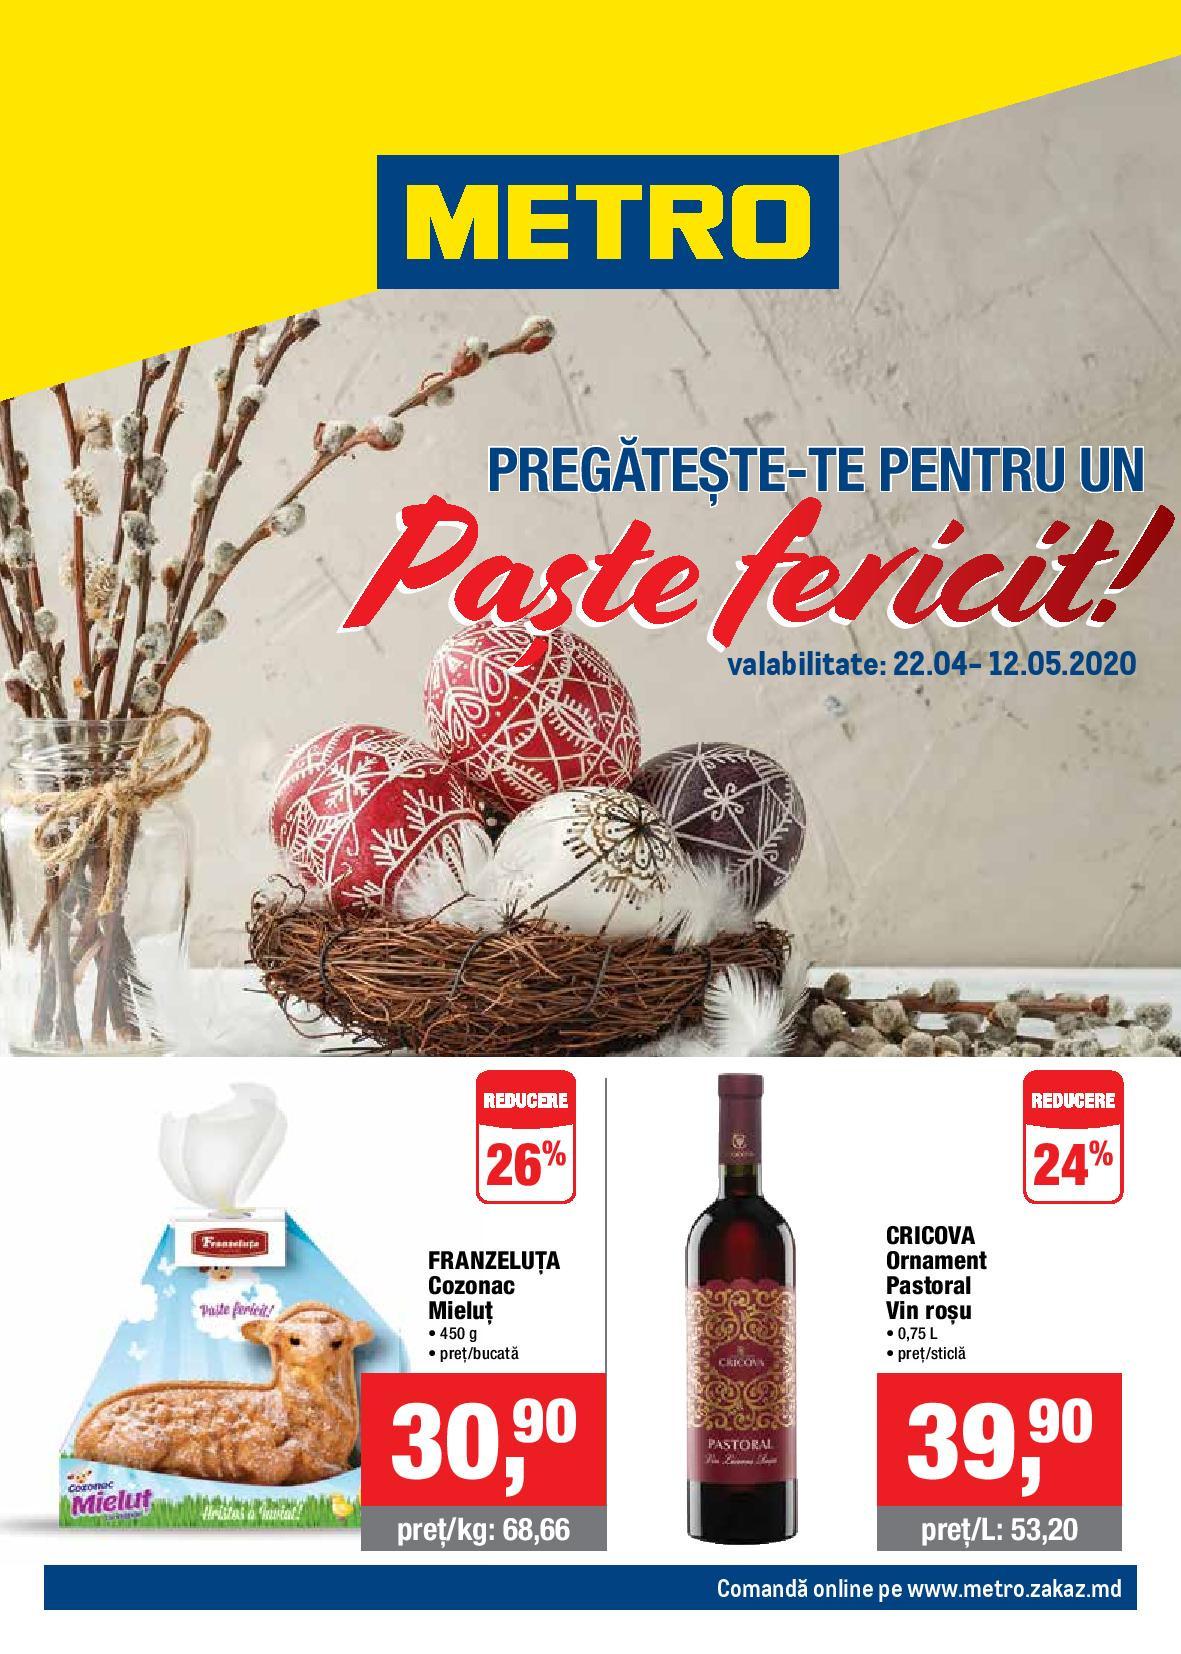 METRO: Ofertă de Paște!